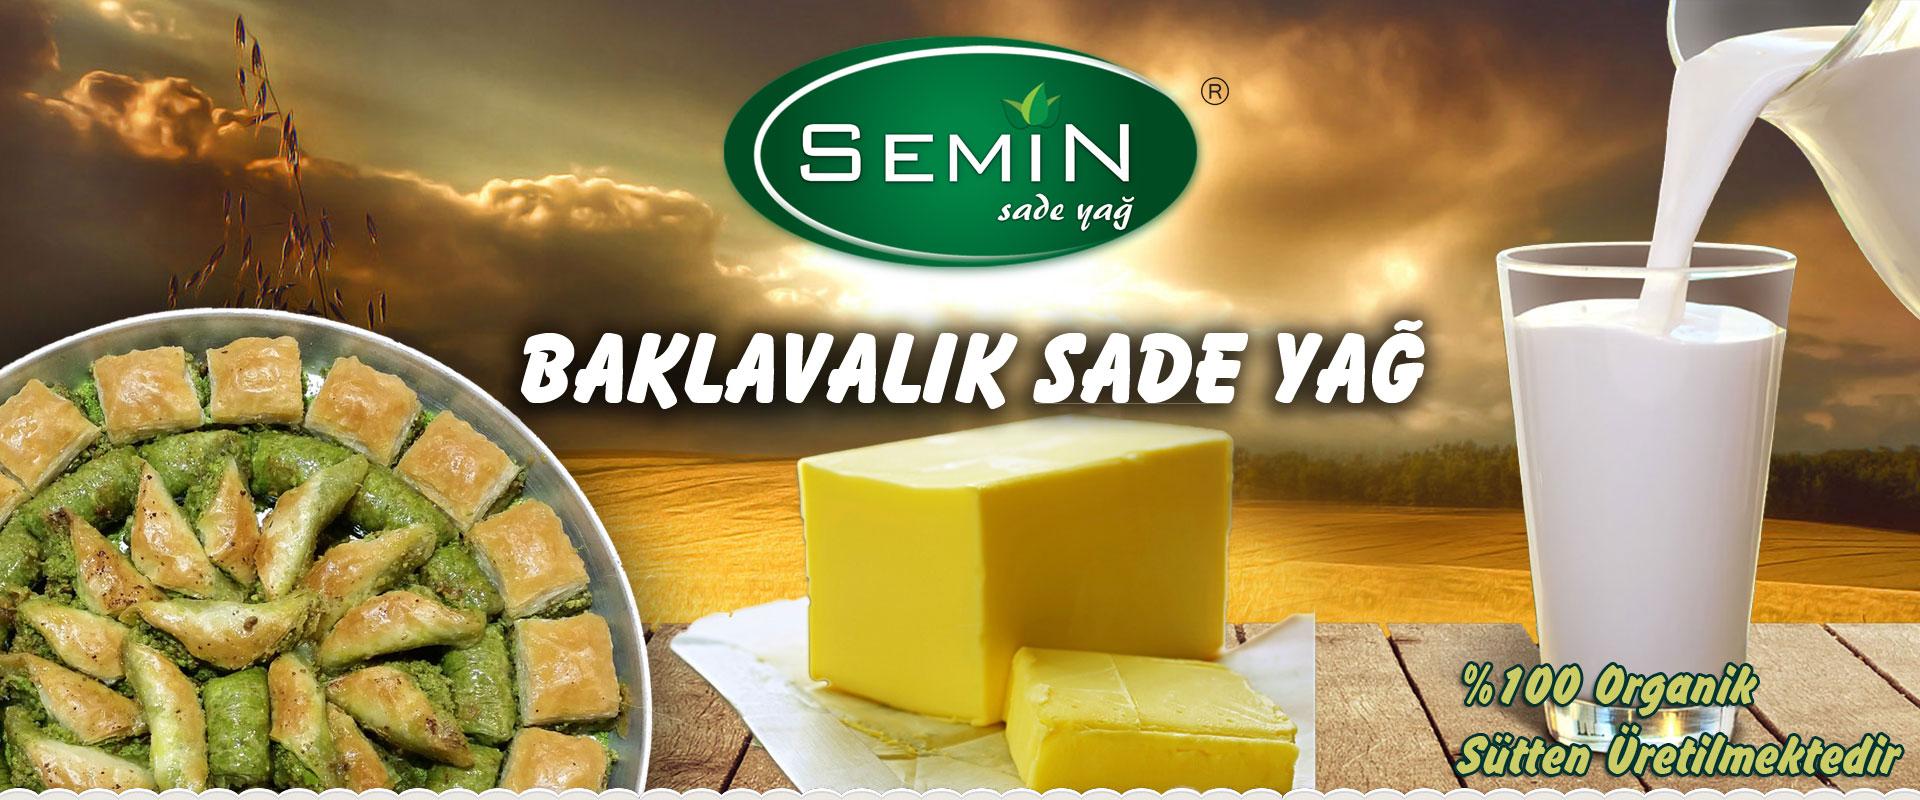 sade-yag-anasayfa-slide-21